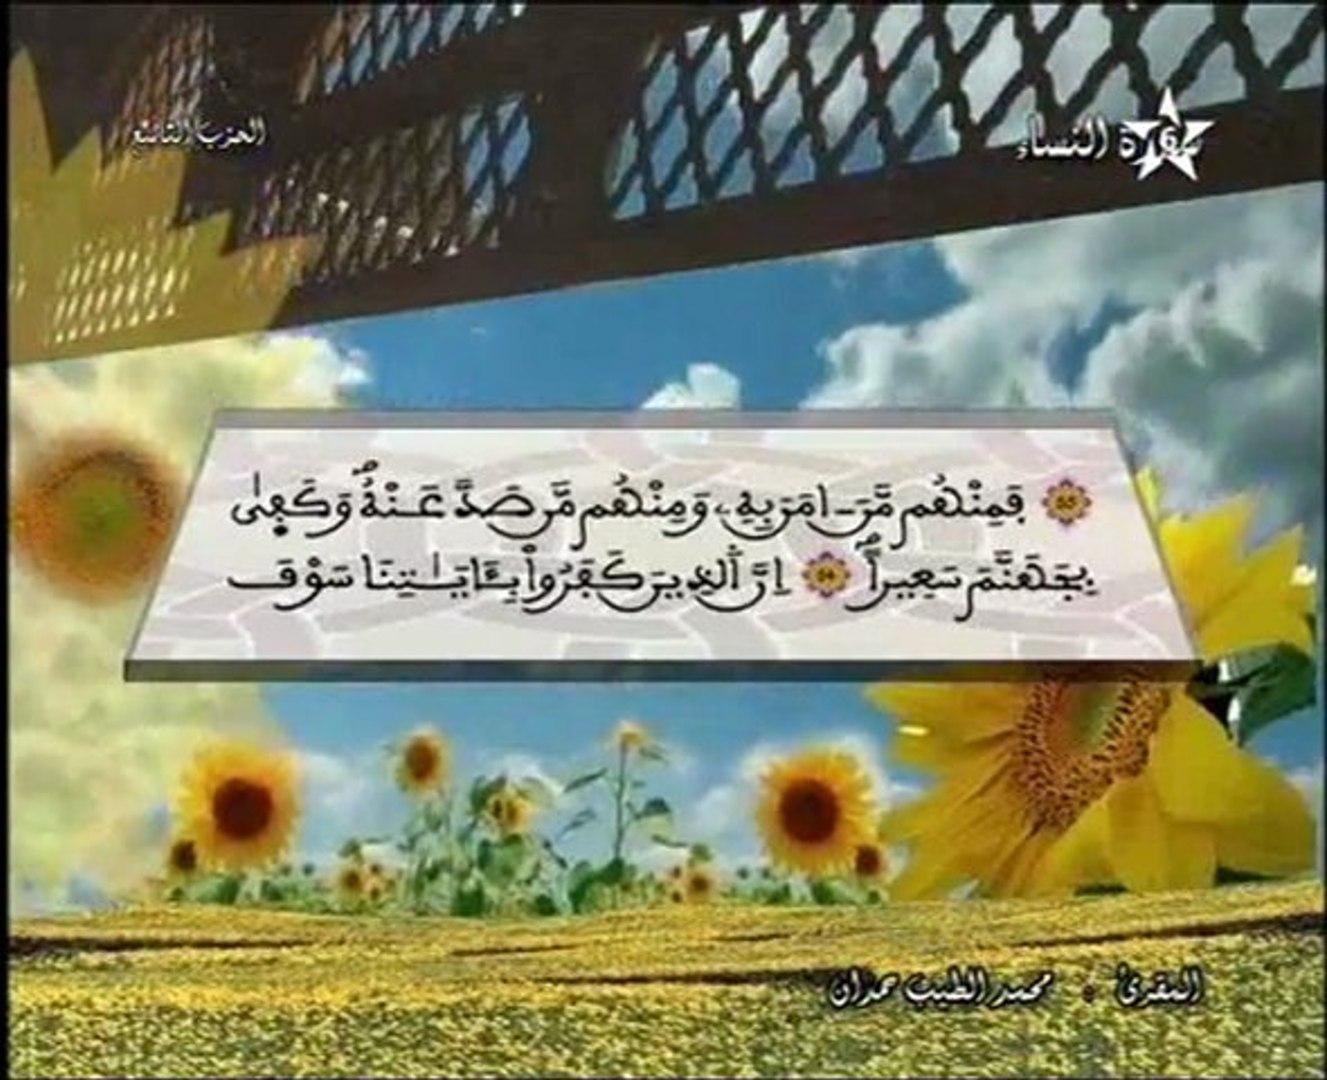 الحزب التاسع من القرآن الكريم القارئ محمد الطيب حمدان